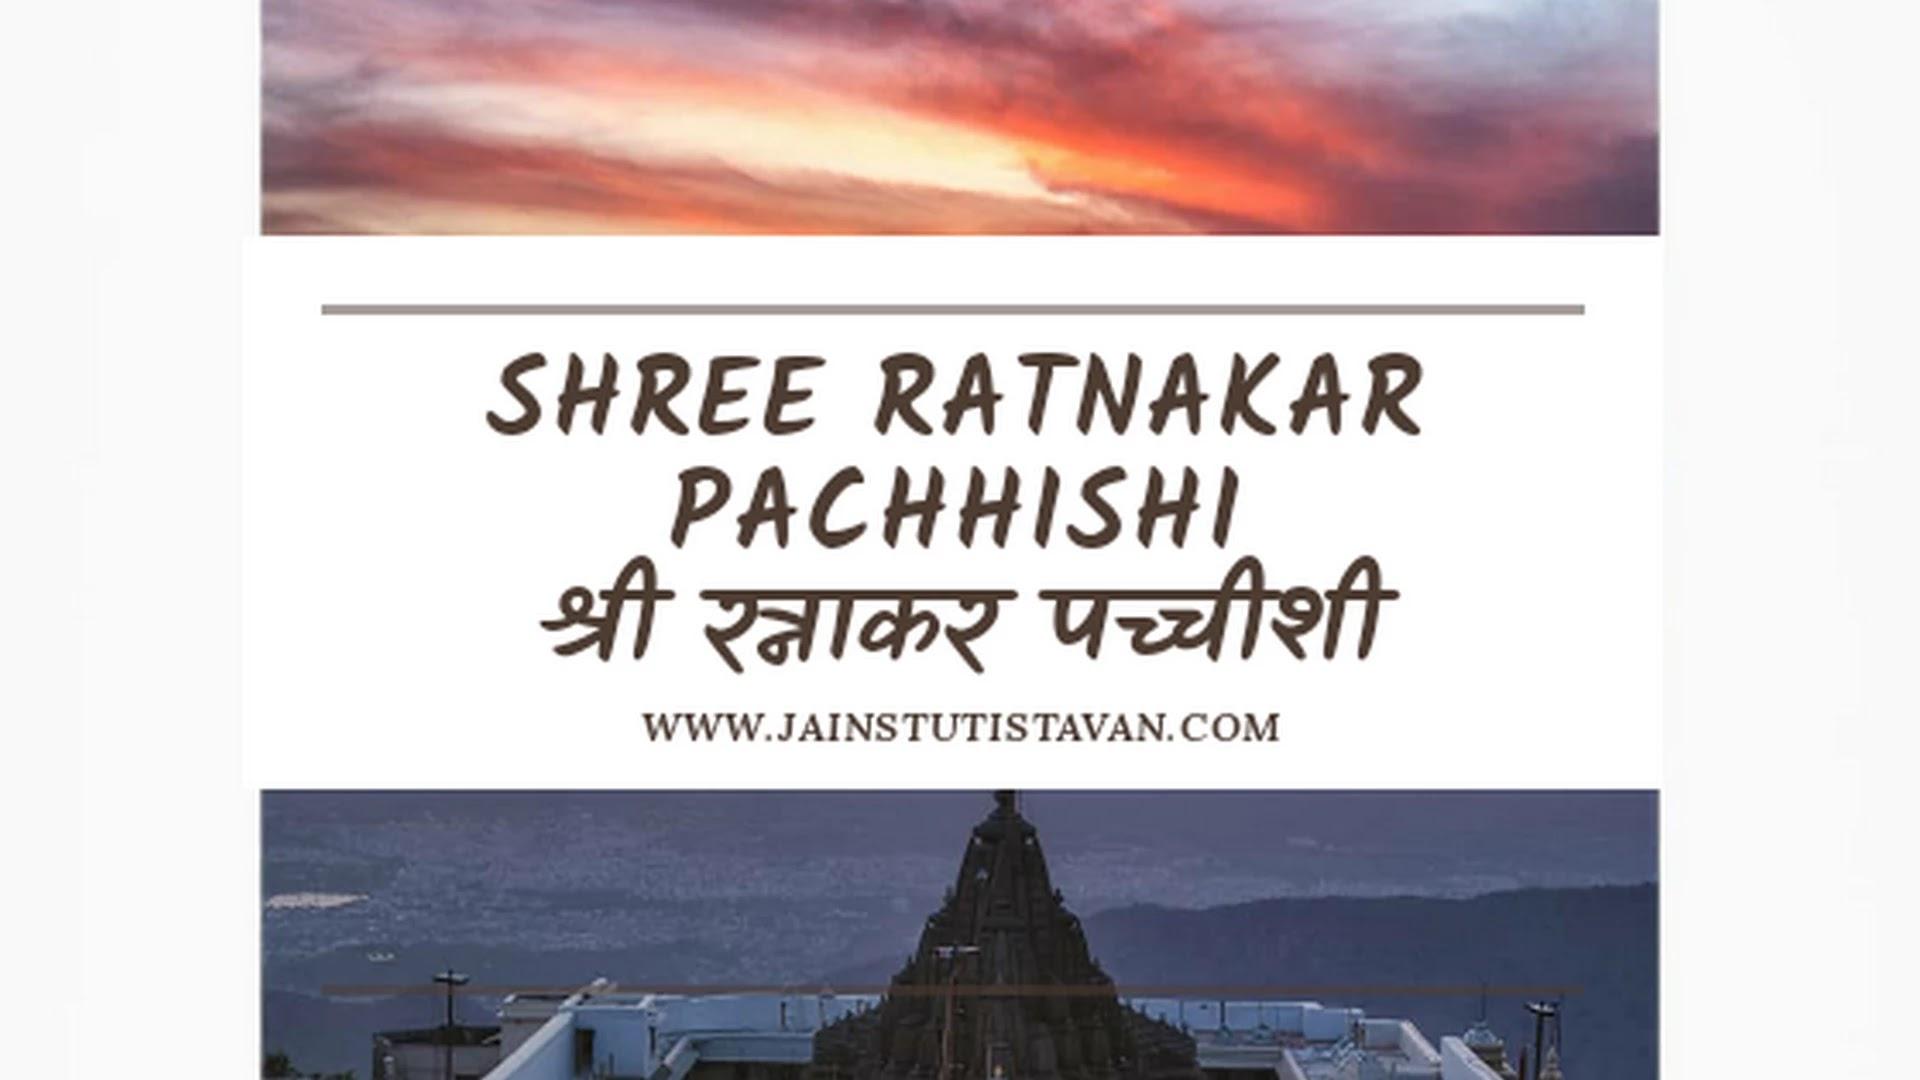 Shree Ratnakar Pachhishi Lyrics